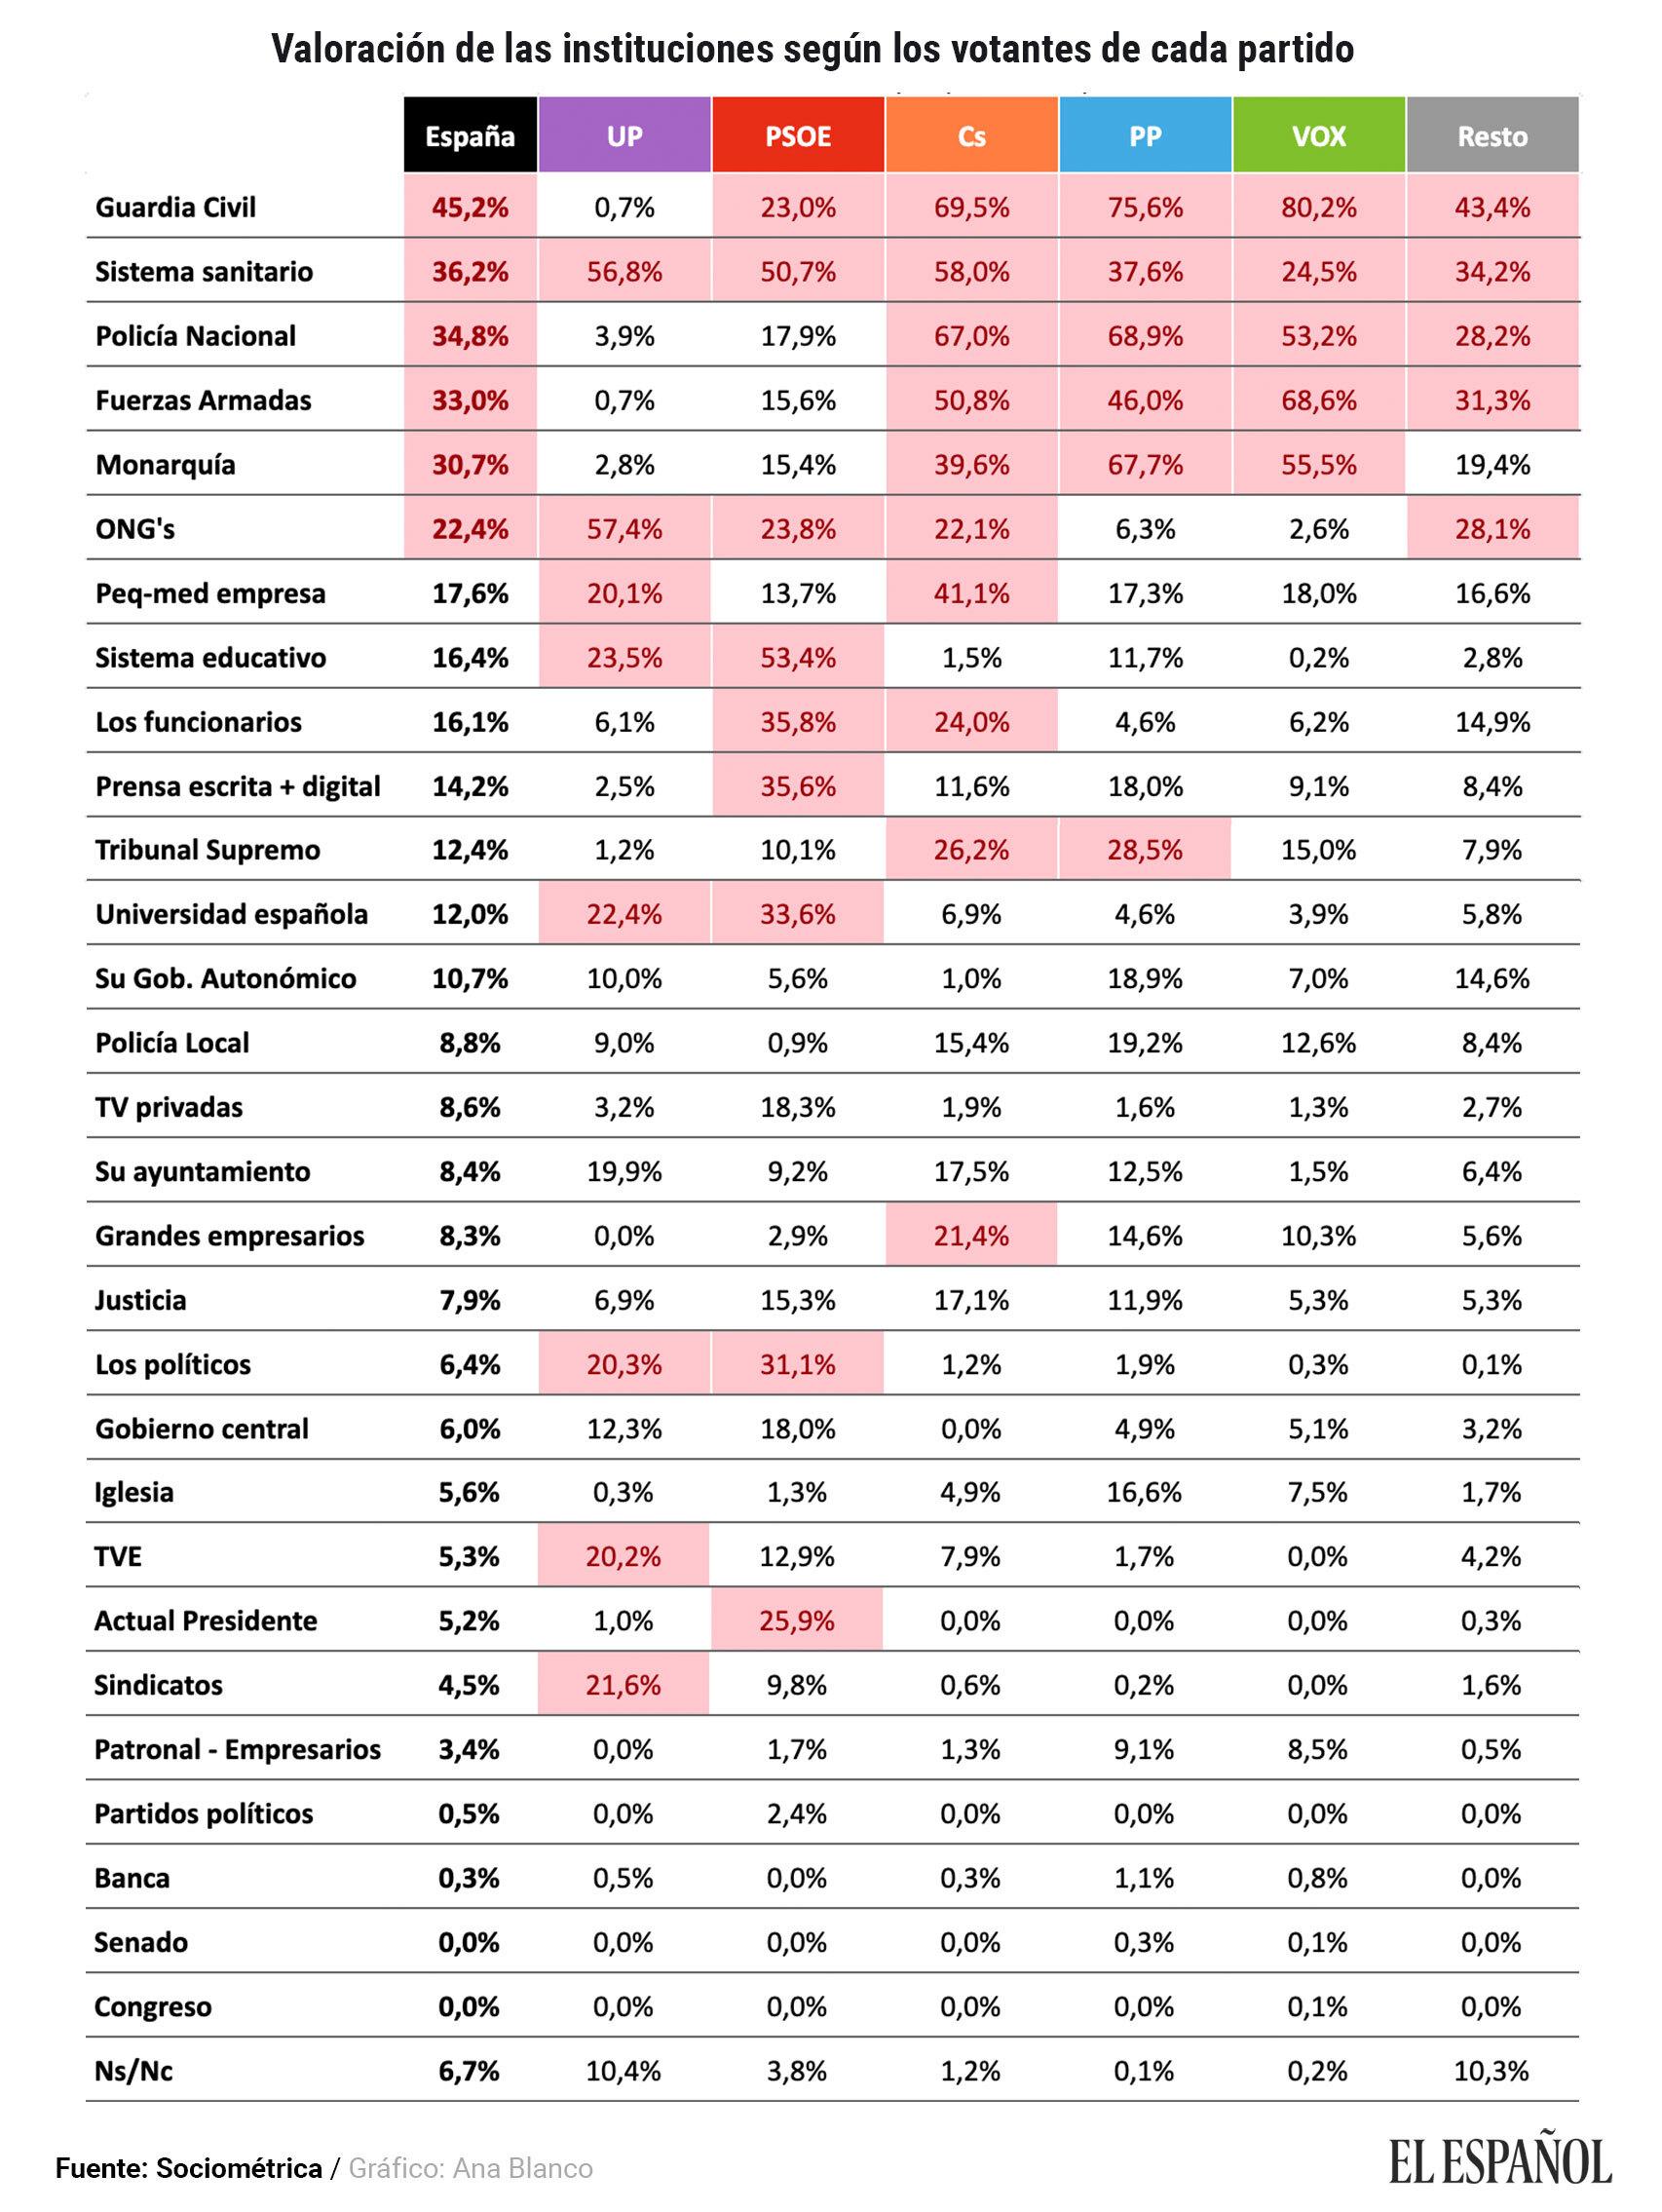 Datos de la encuesta disgregados por partidos políticos.